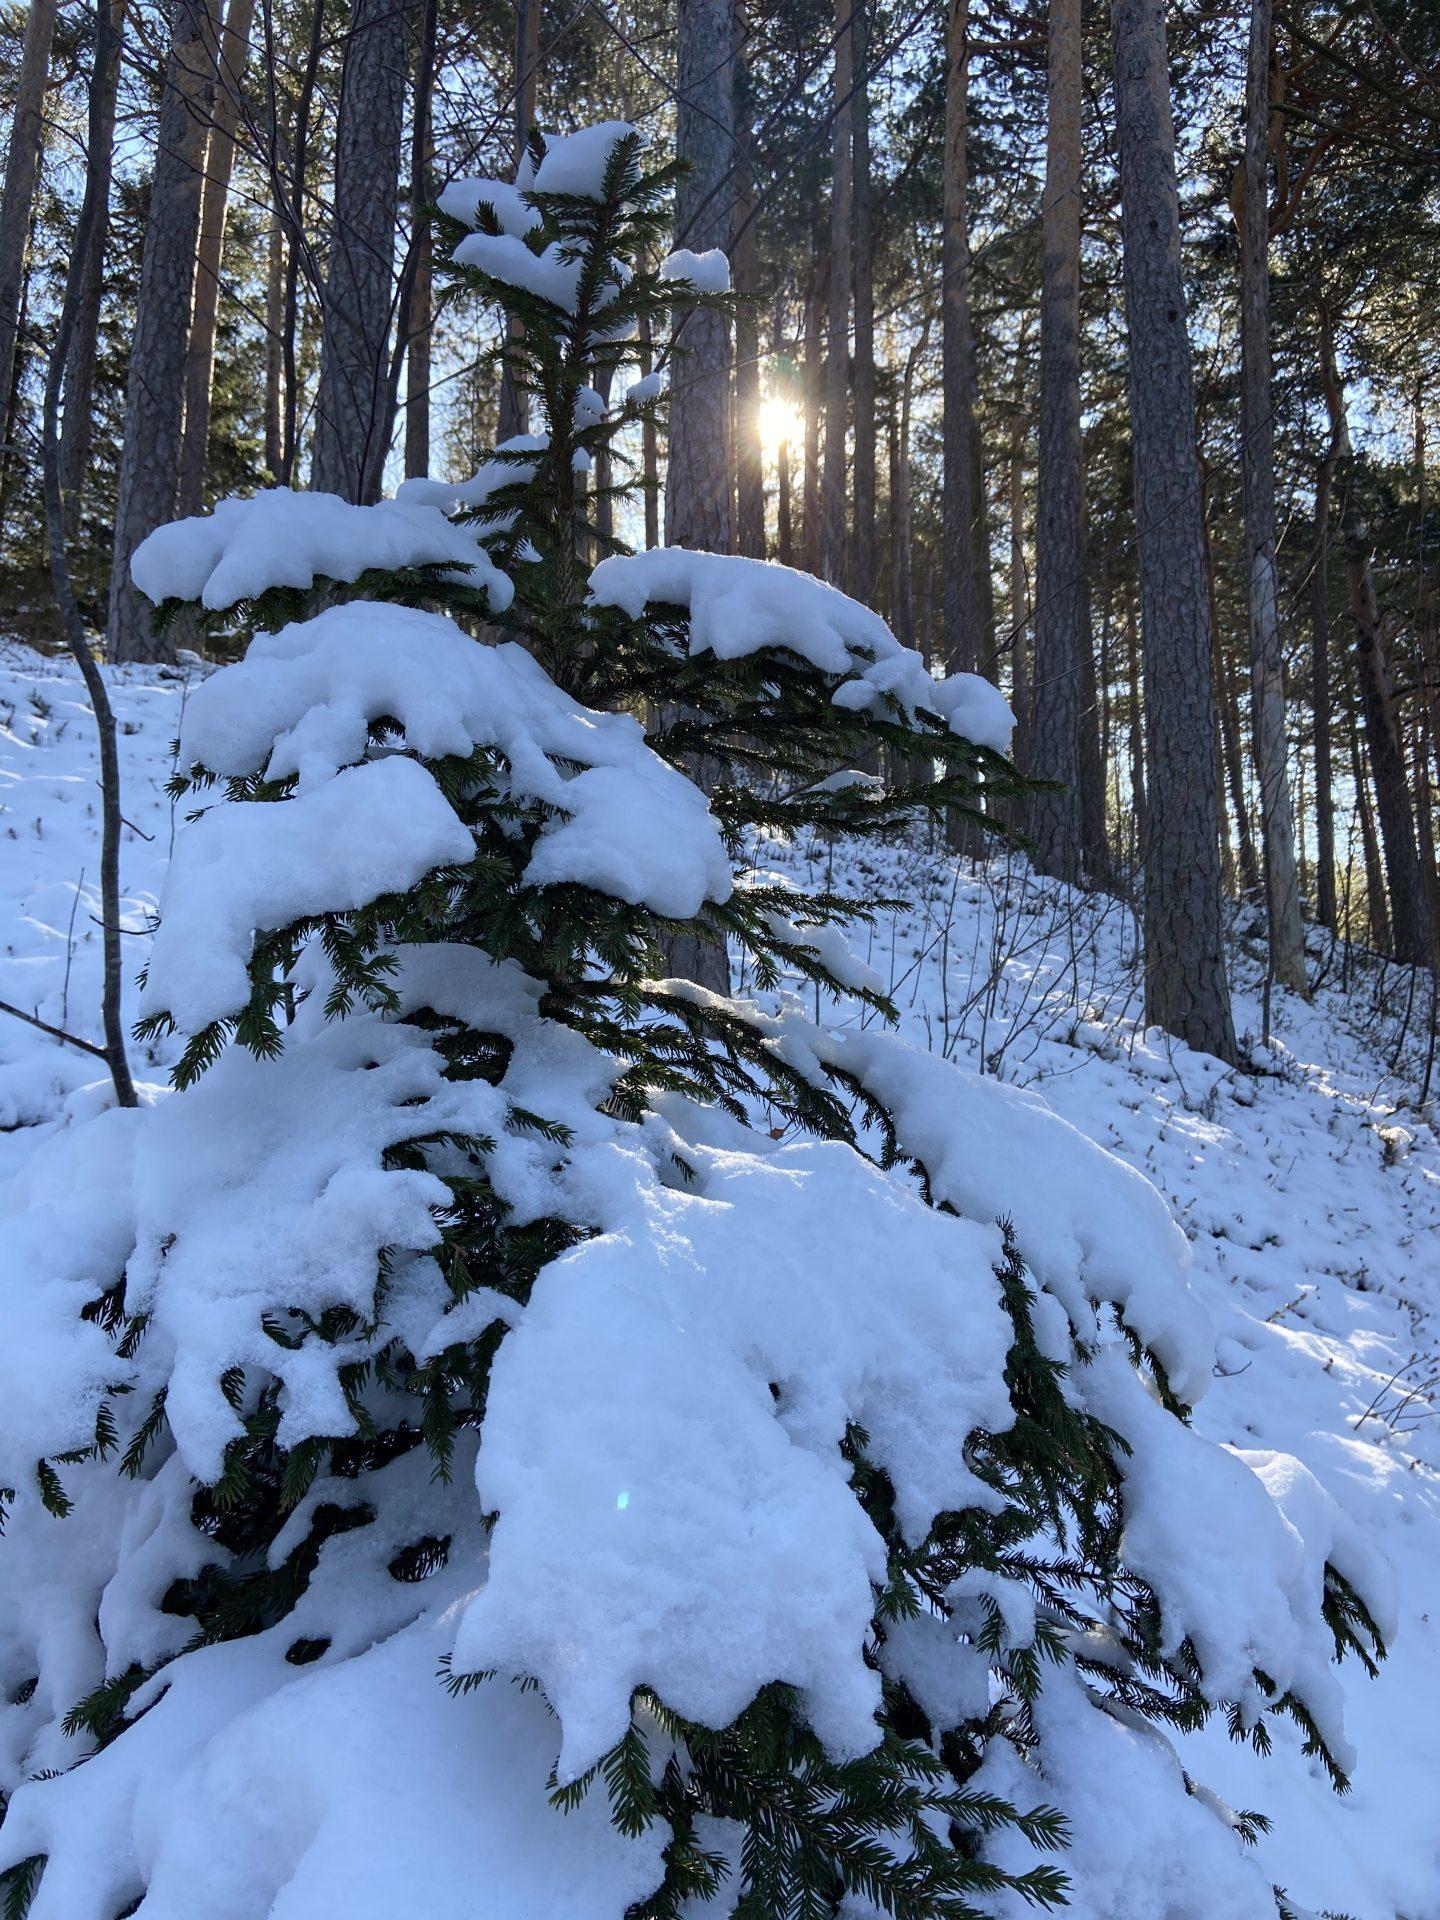 Winter im März, da lacht mein Herz! - Licht, Lichteinfall, Natur, Ramsau, Schnee, Sonne, Sonnenstrahlen, Strahlen, Unterberg - (Adamsthal, Kieneck, Niederösterreich, Österreich)